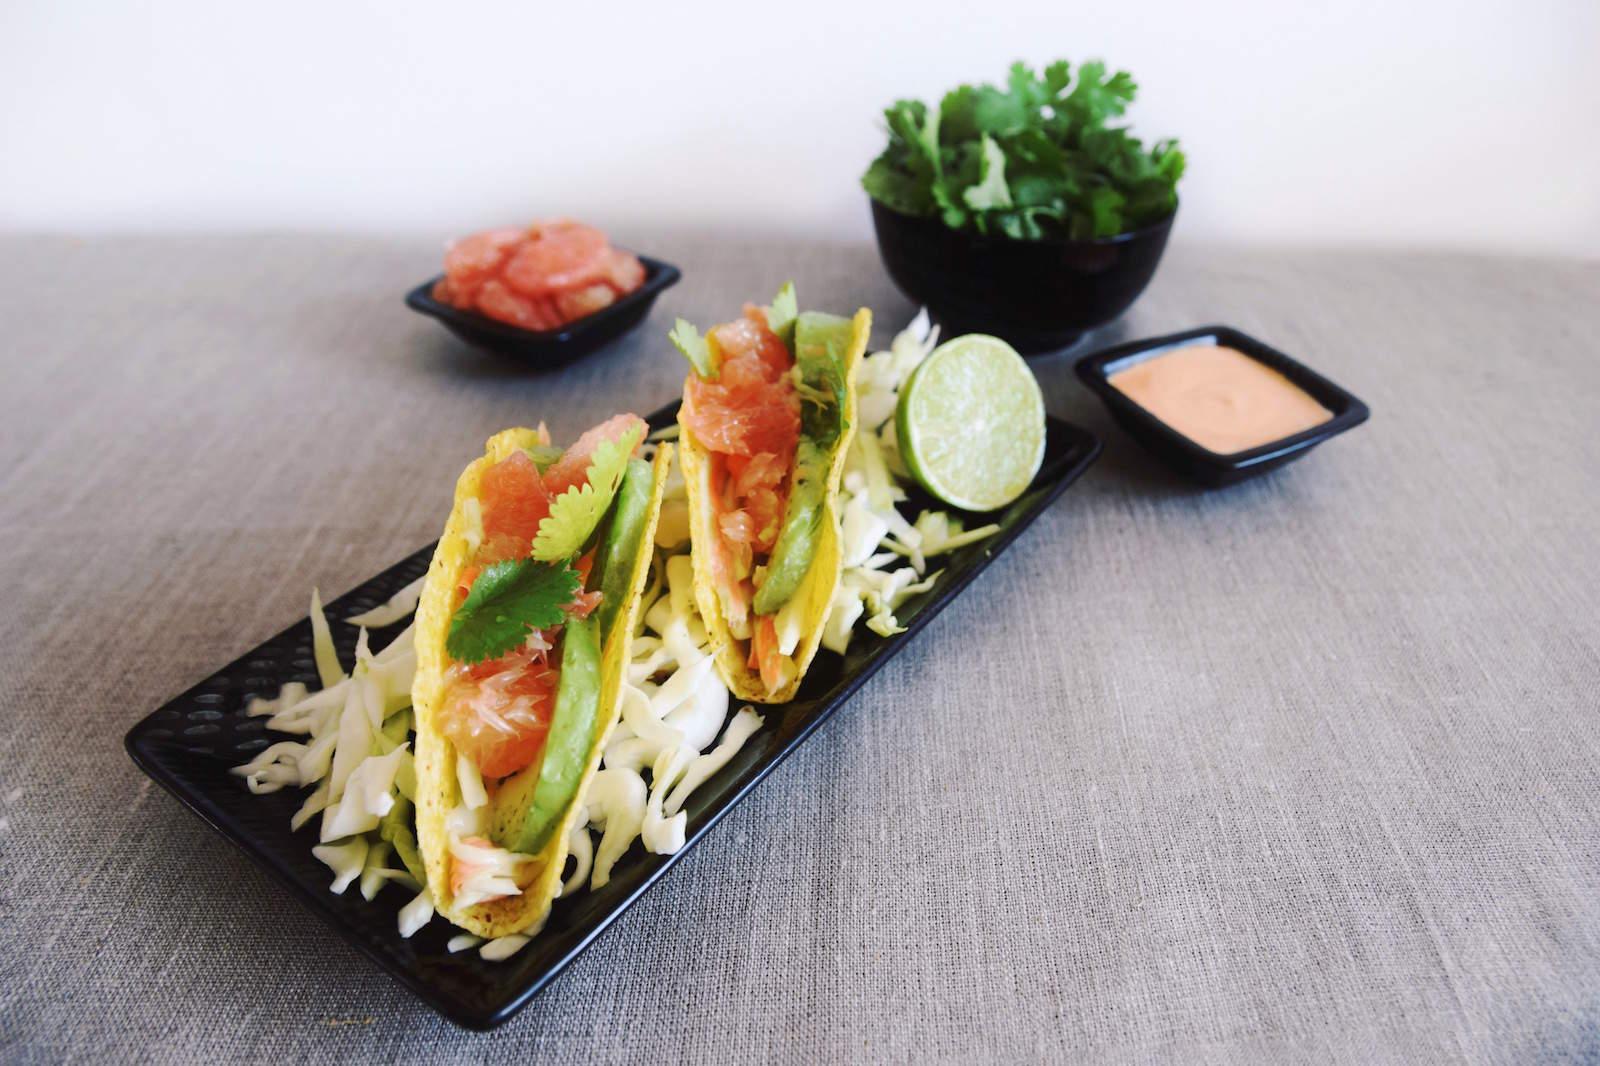 Vegan fish tacos girl vs globe for Vegan fish tacos